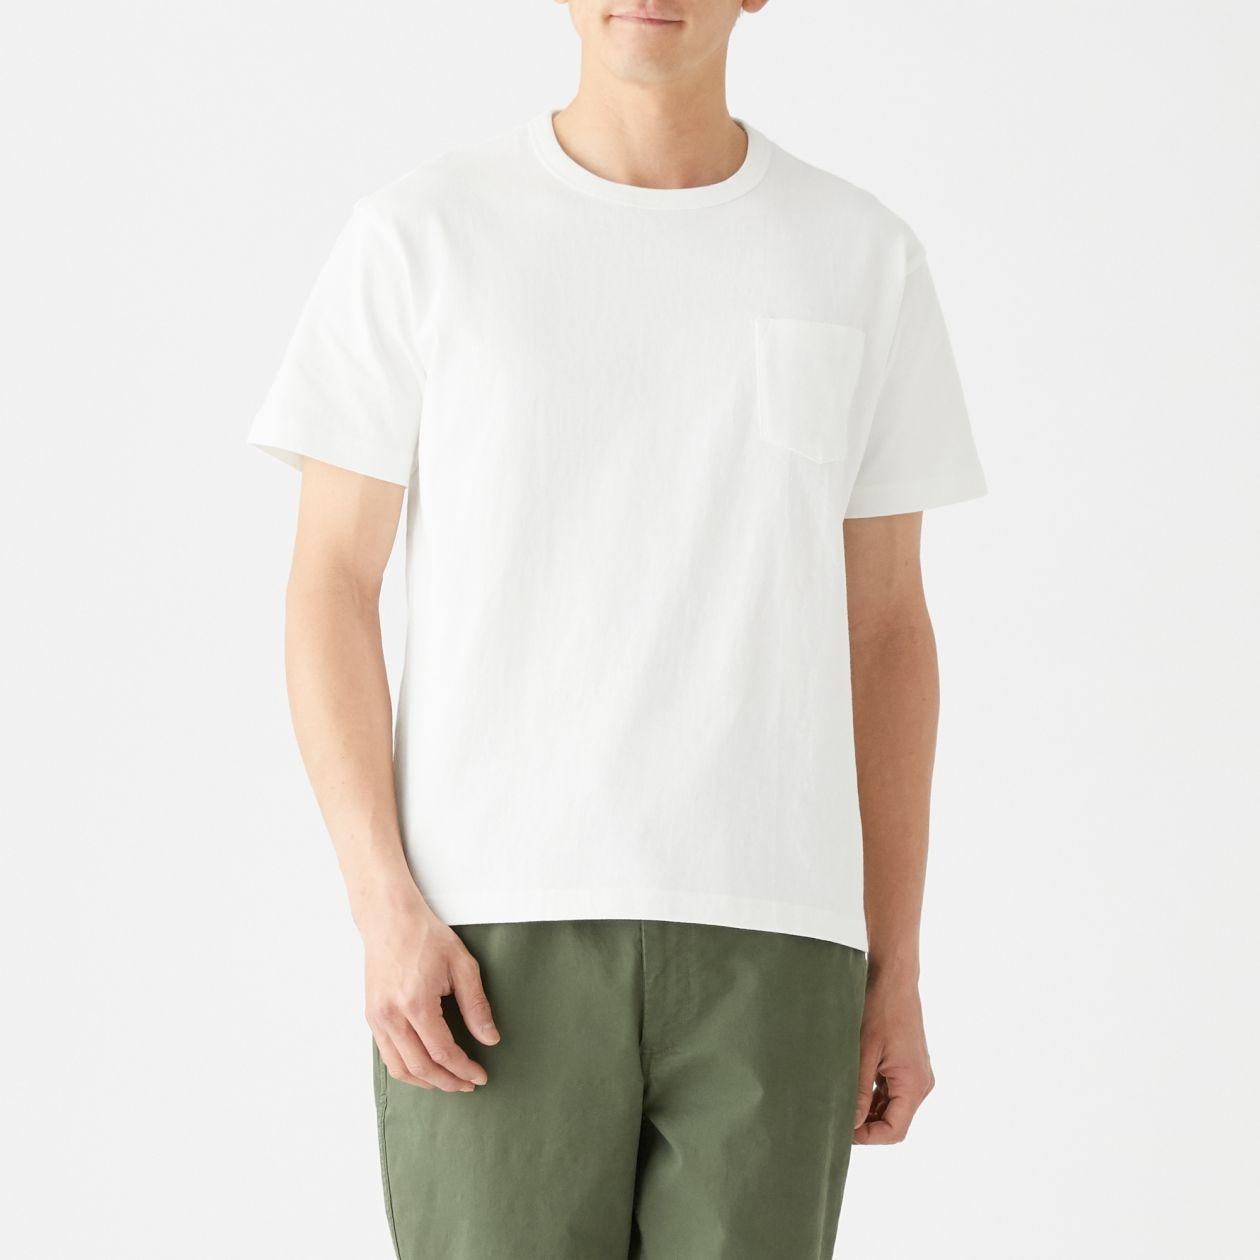 太番手 天竺編みポケット付き半袖Tシャツ 紳士S・オフ白